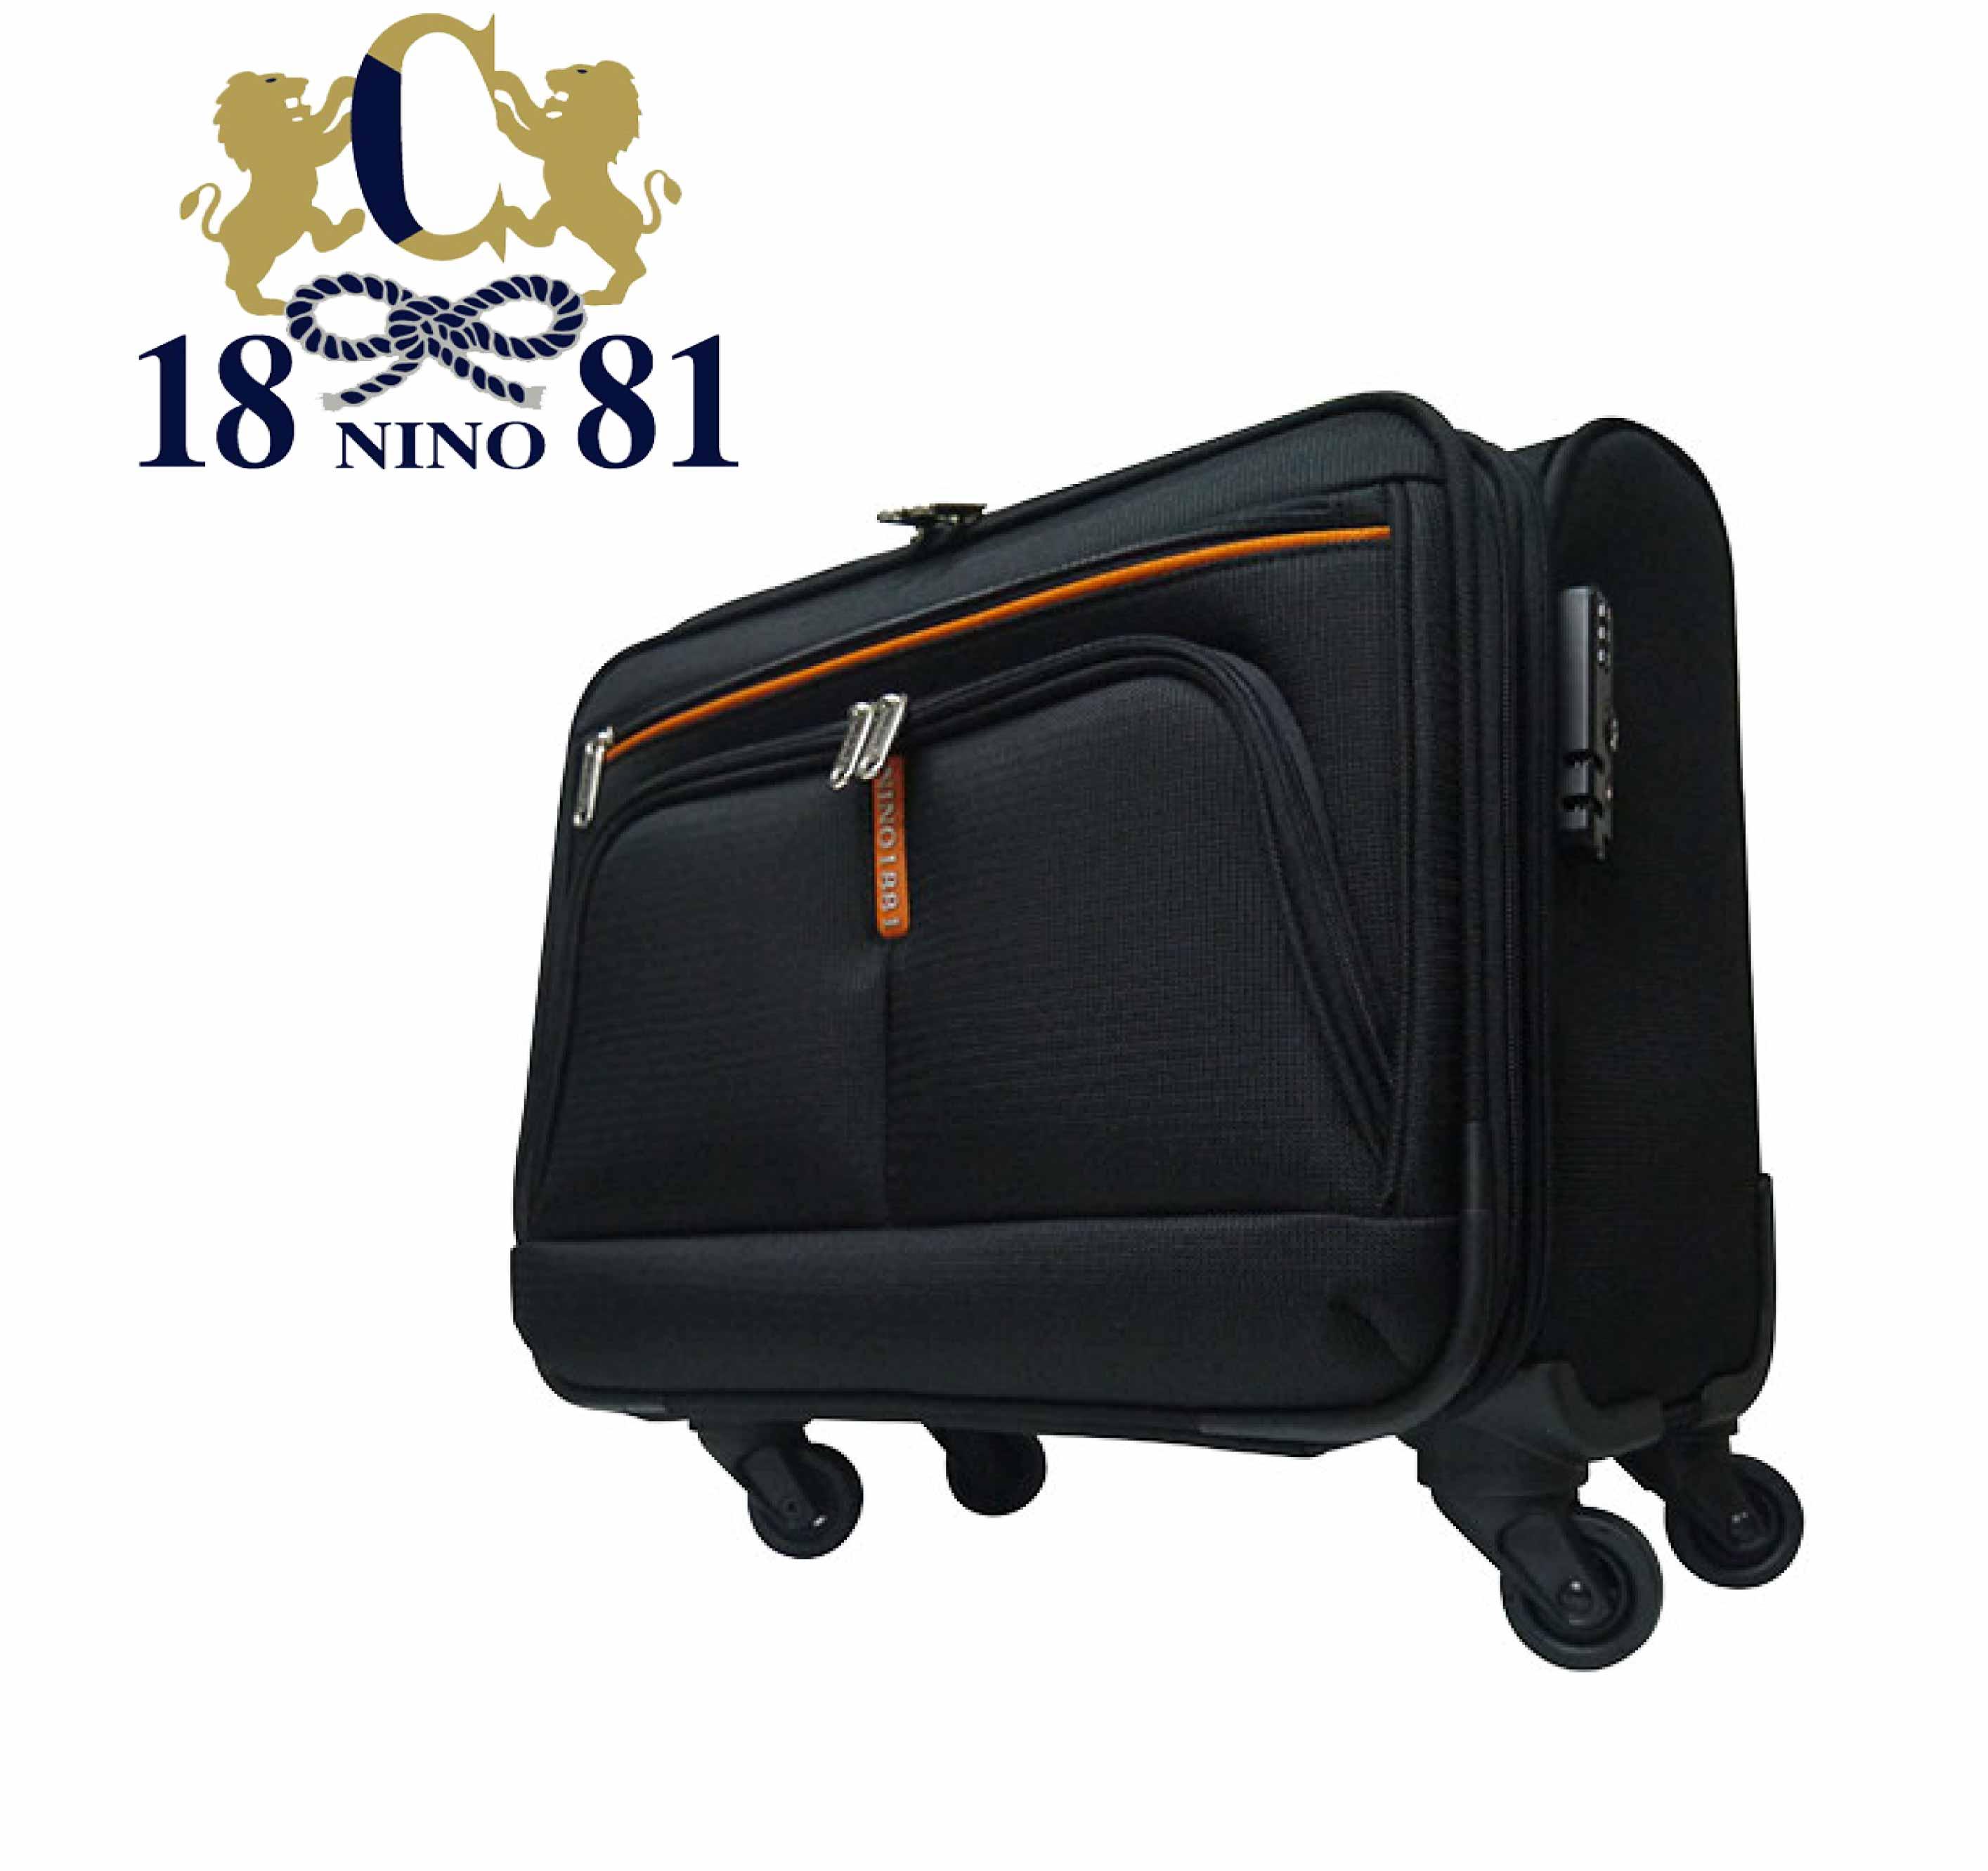 加賀皮件 NINO1881 16吋 旅行箱 行李箱 公事箱 登機箱 拉桿箱 布箱 四輪 8587